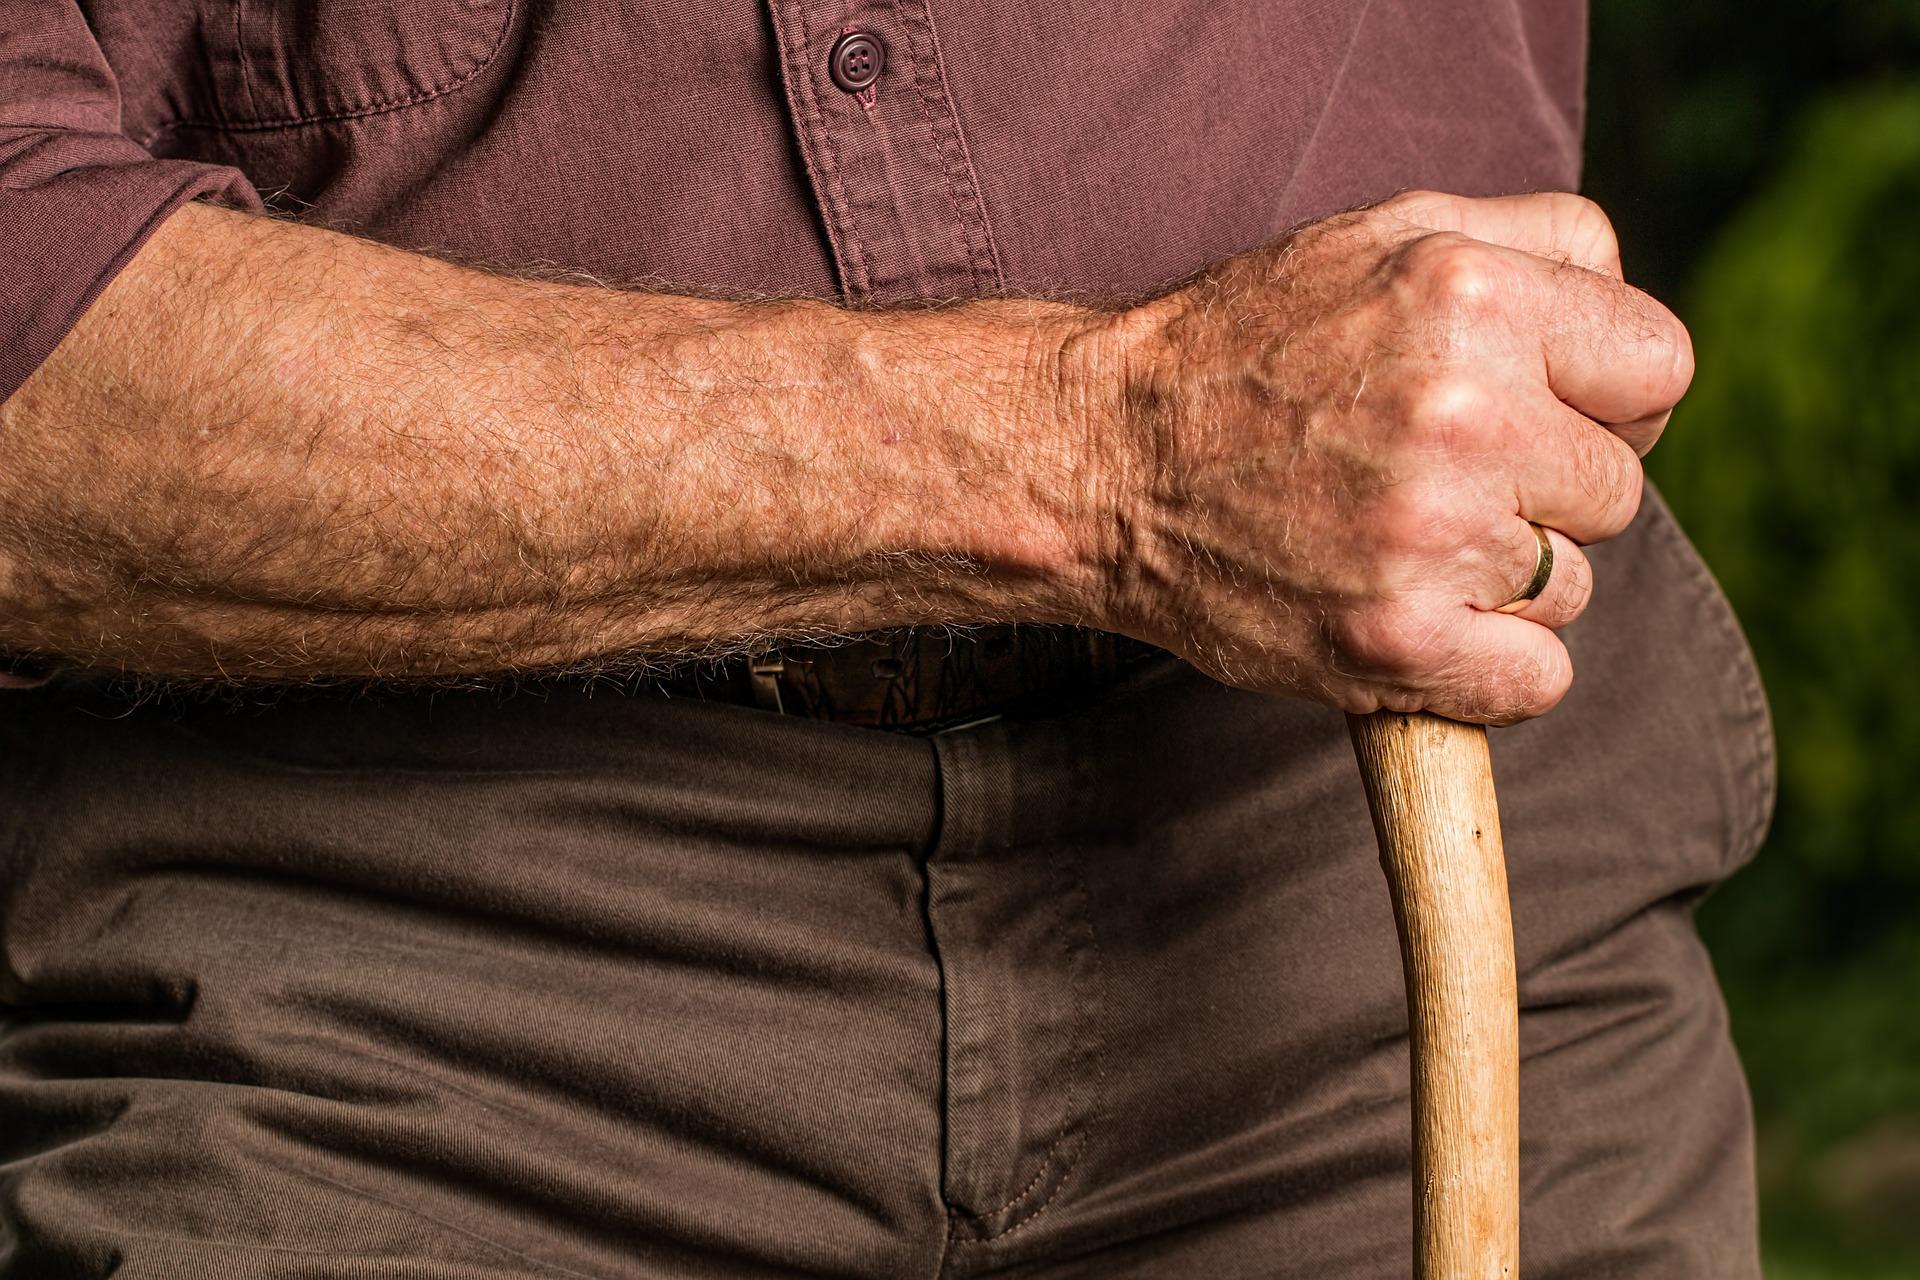 reumatism articular ce calmante pentru durere în articulațiile picioarelor